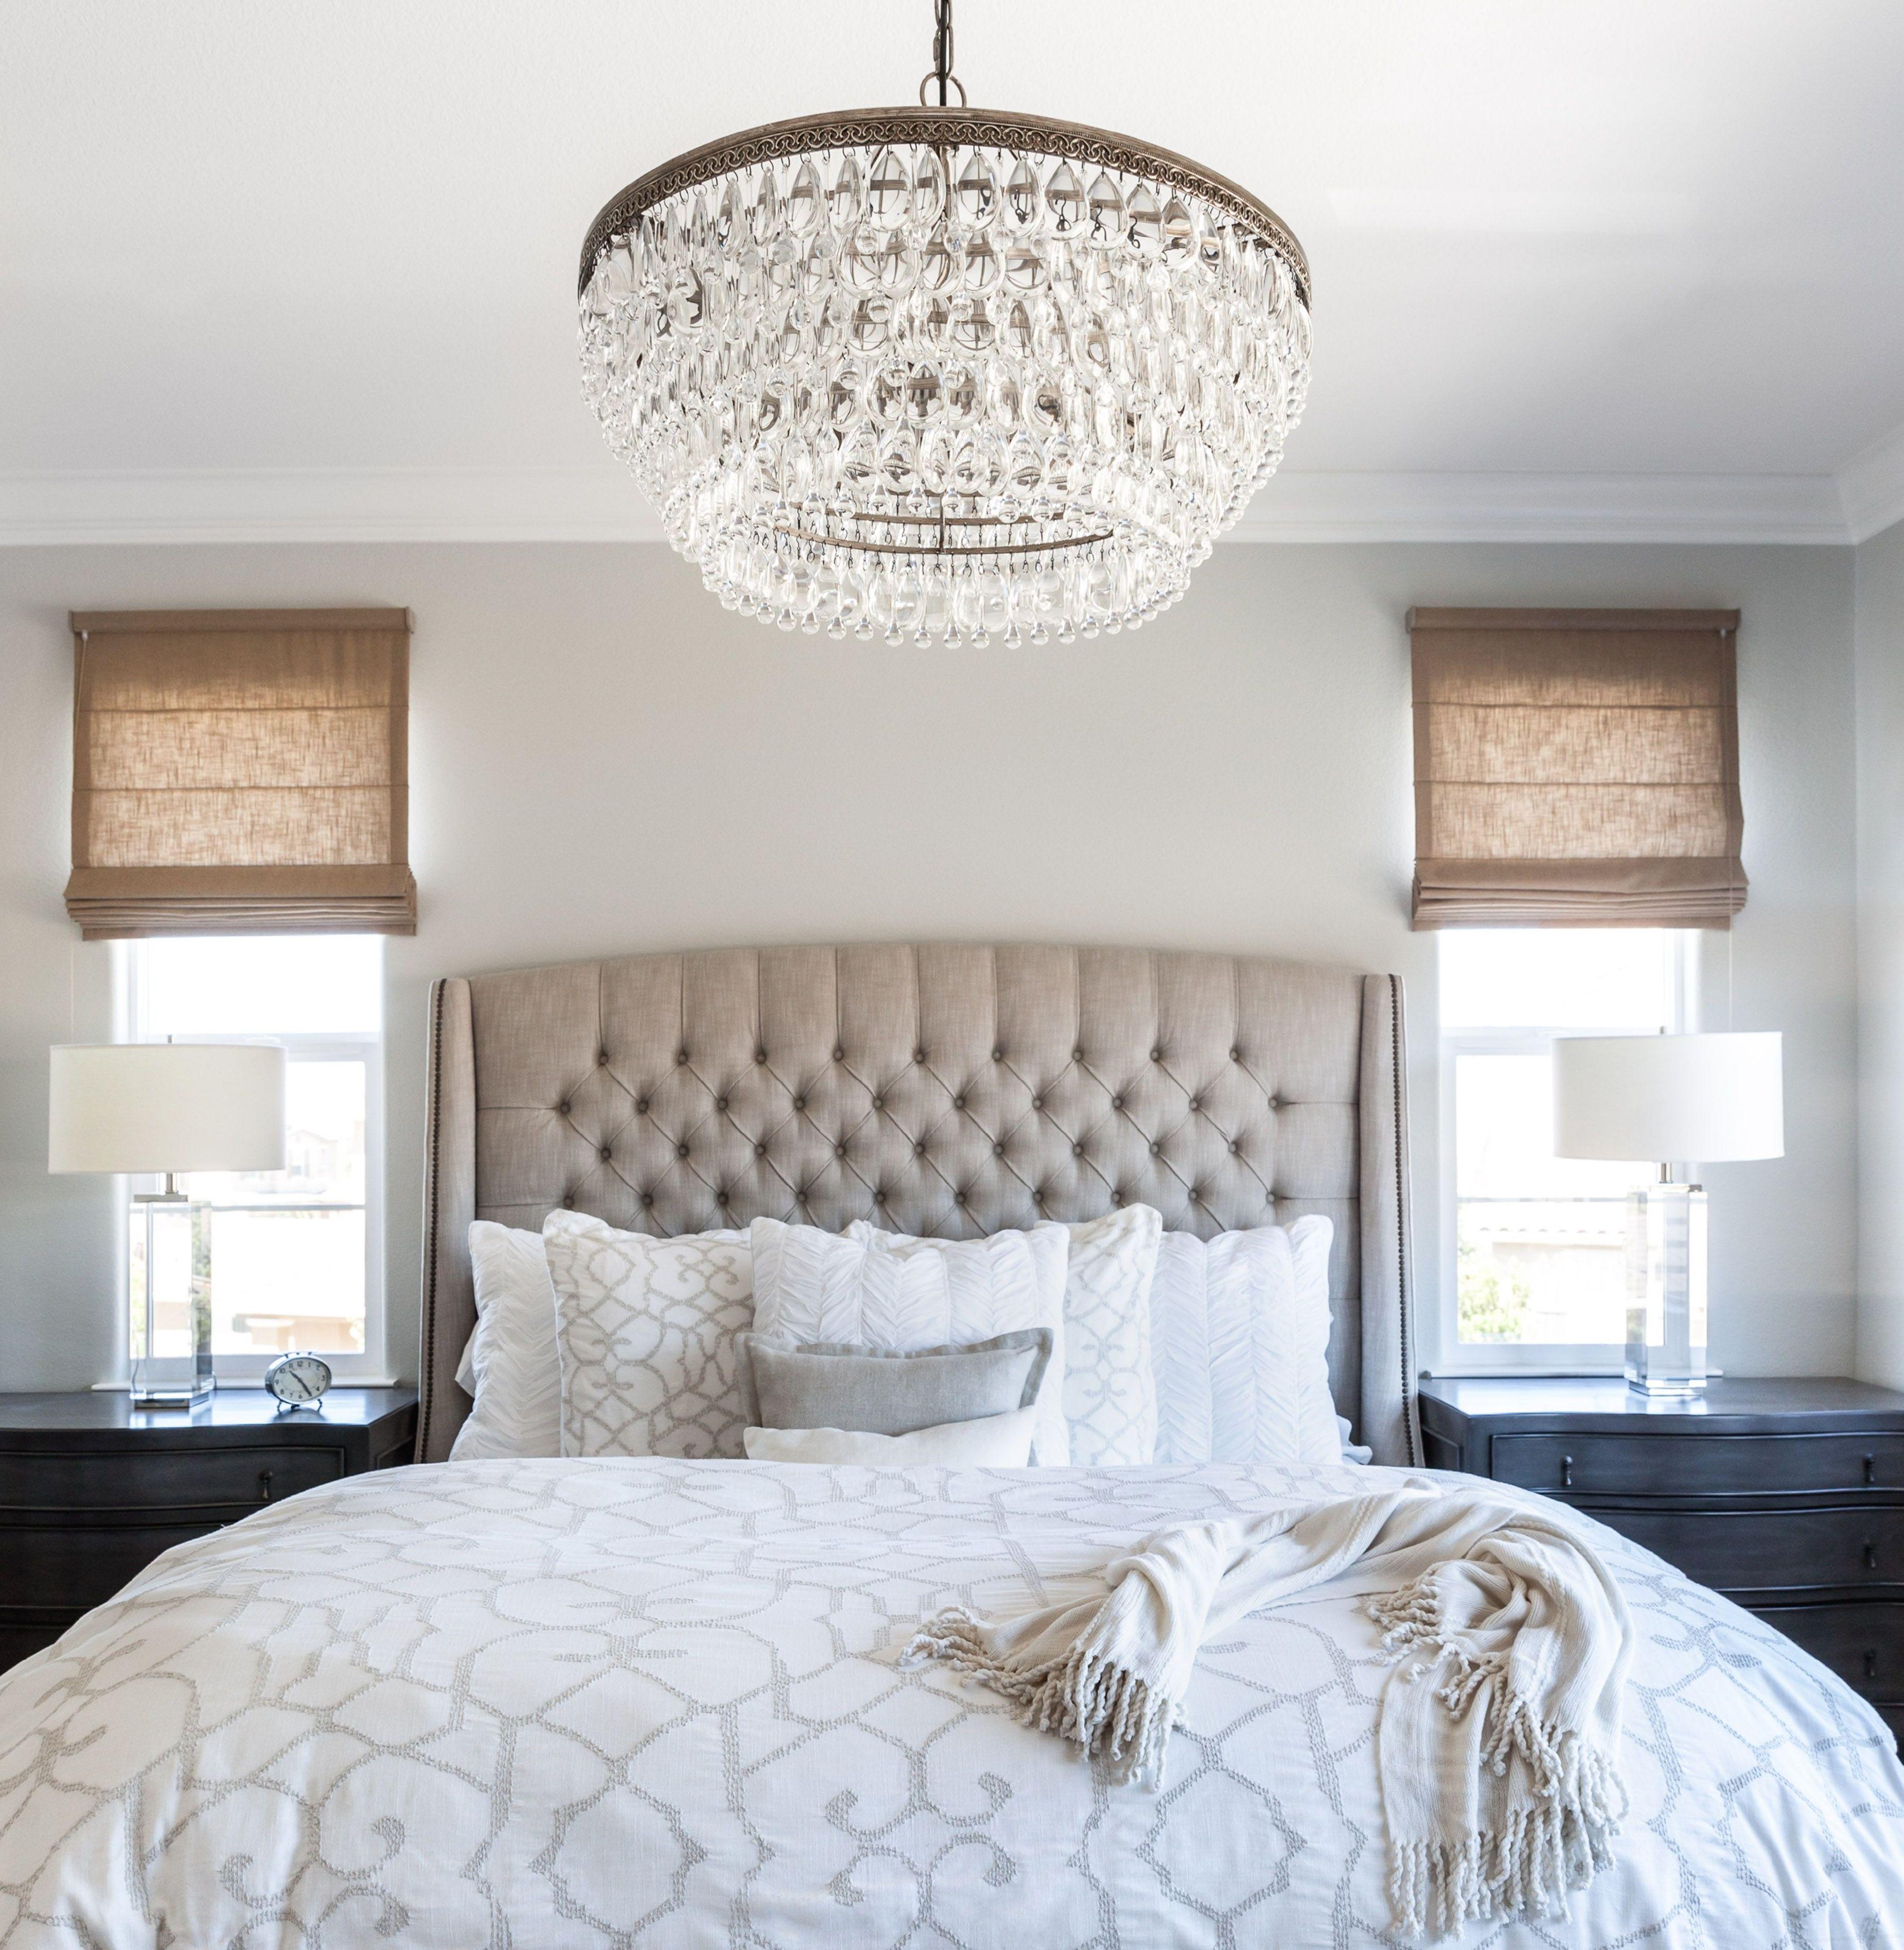 15+ Bedroom chandeliers ideas